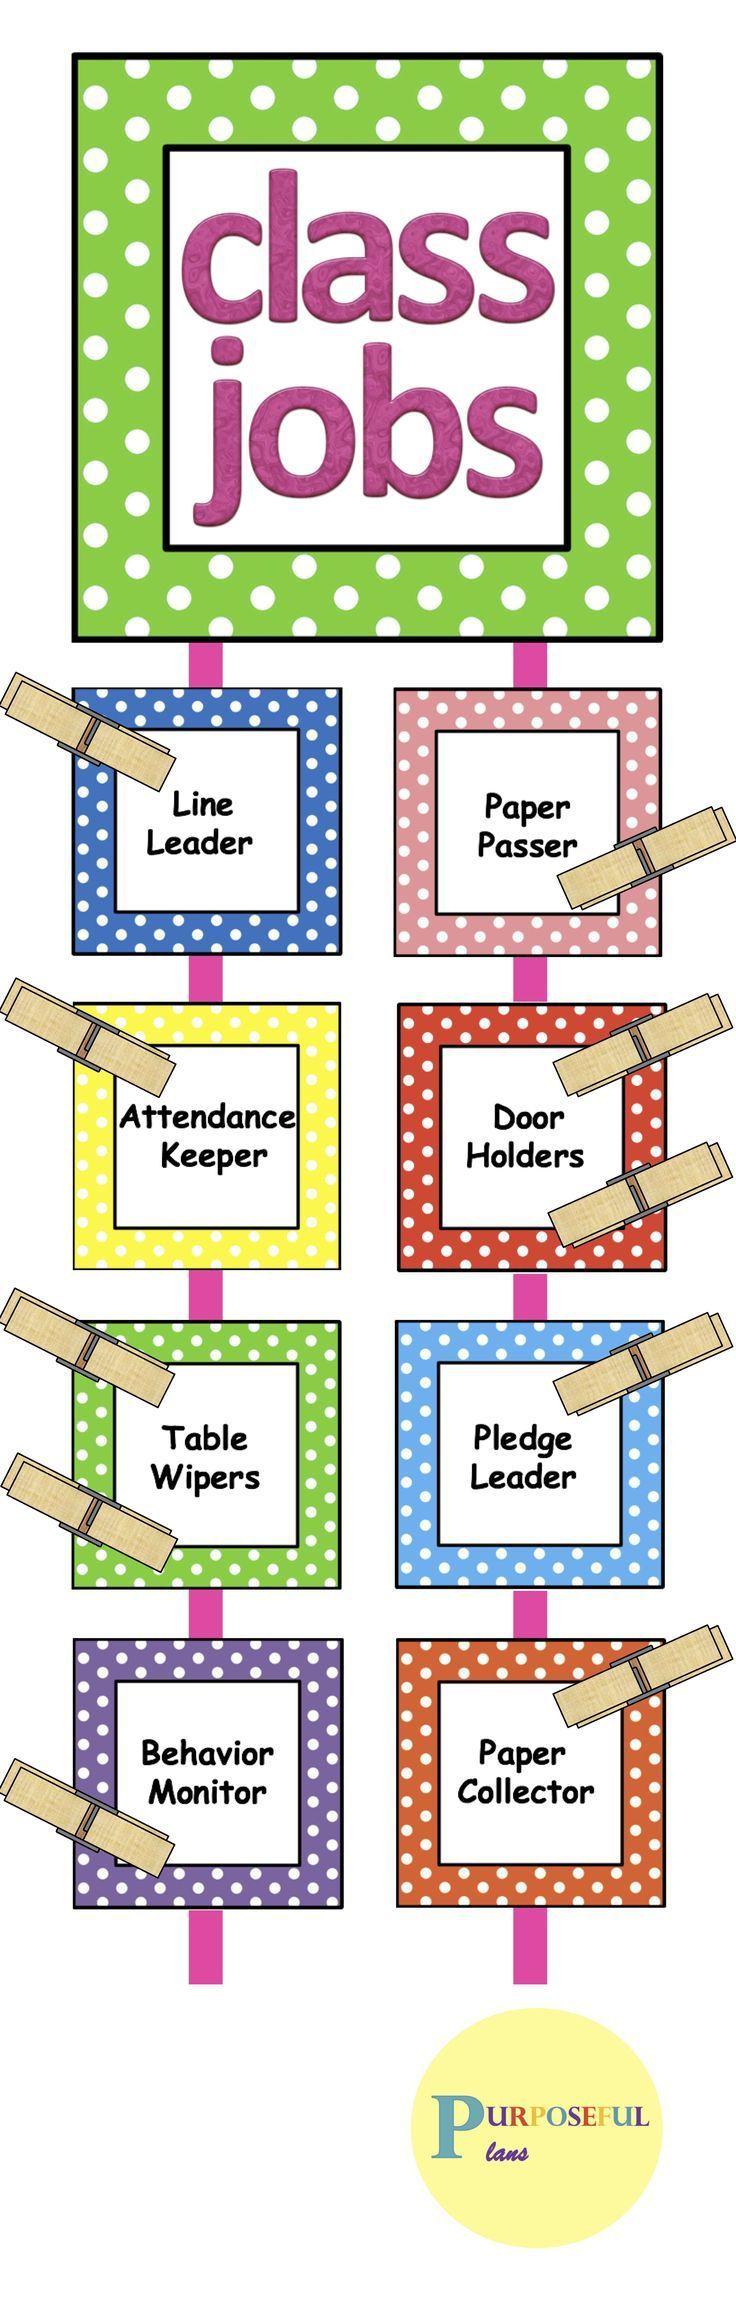 Classroom job chartcards with headers descriptions